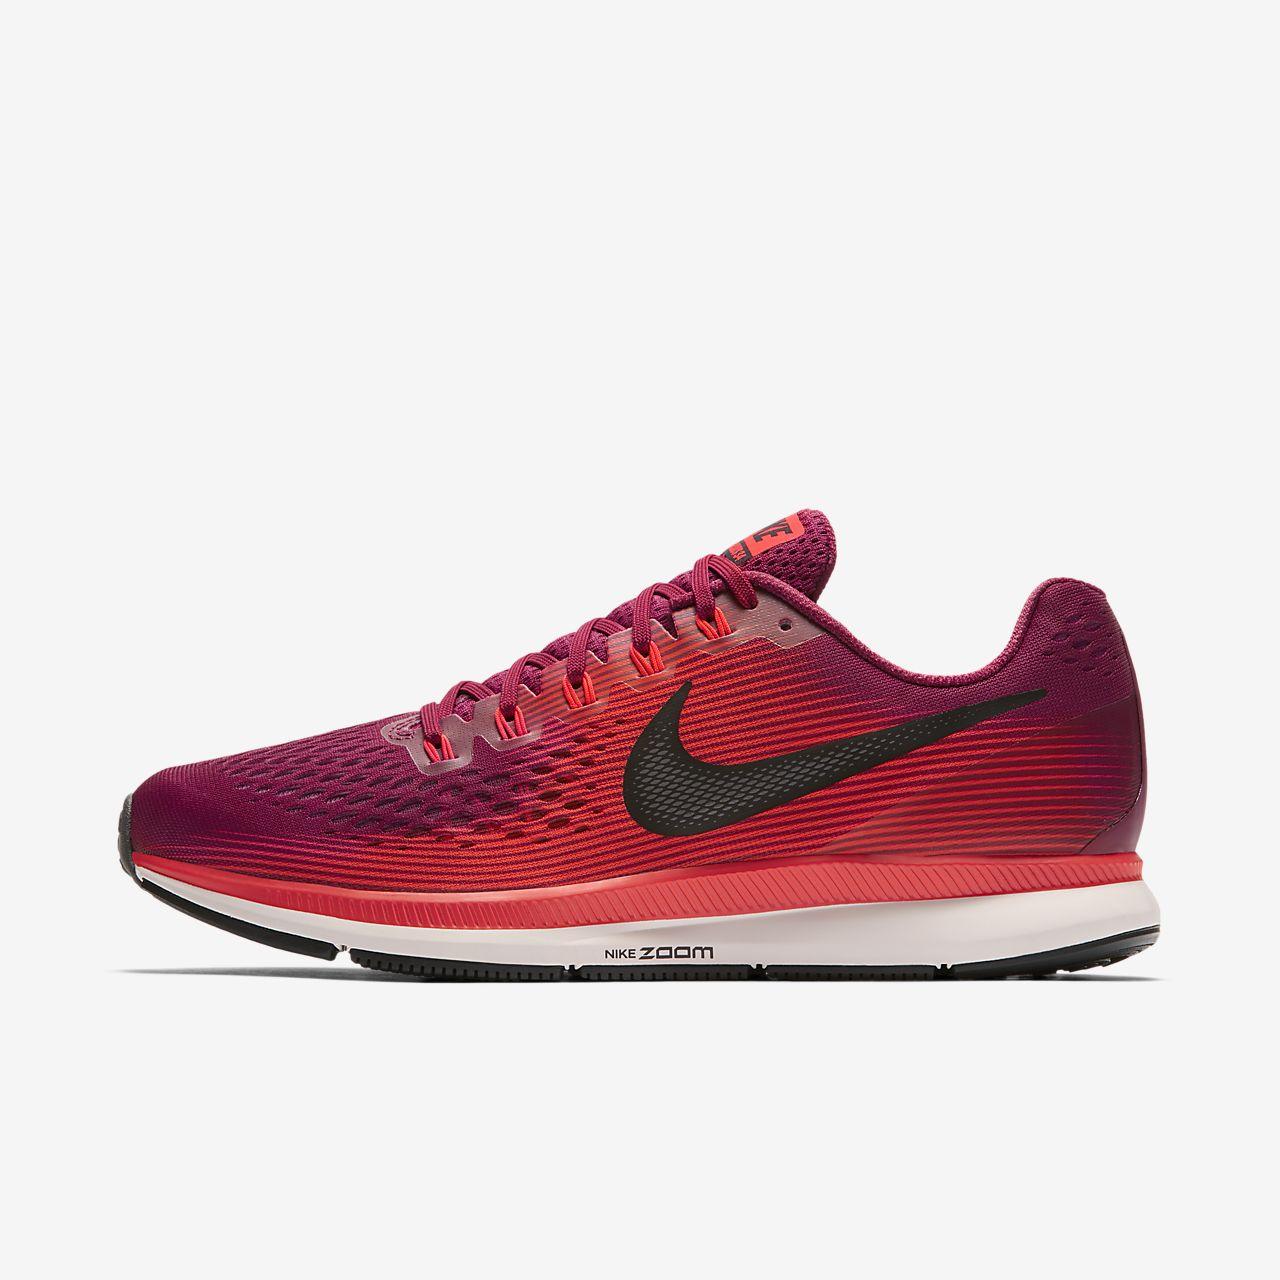 ... Nike Air Zoom Pegasus 34 Herren-Laufschuh